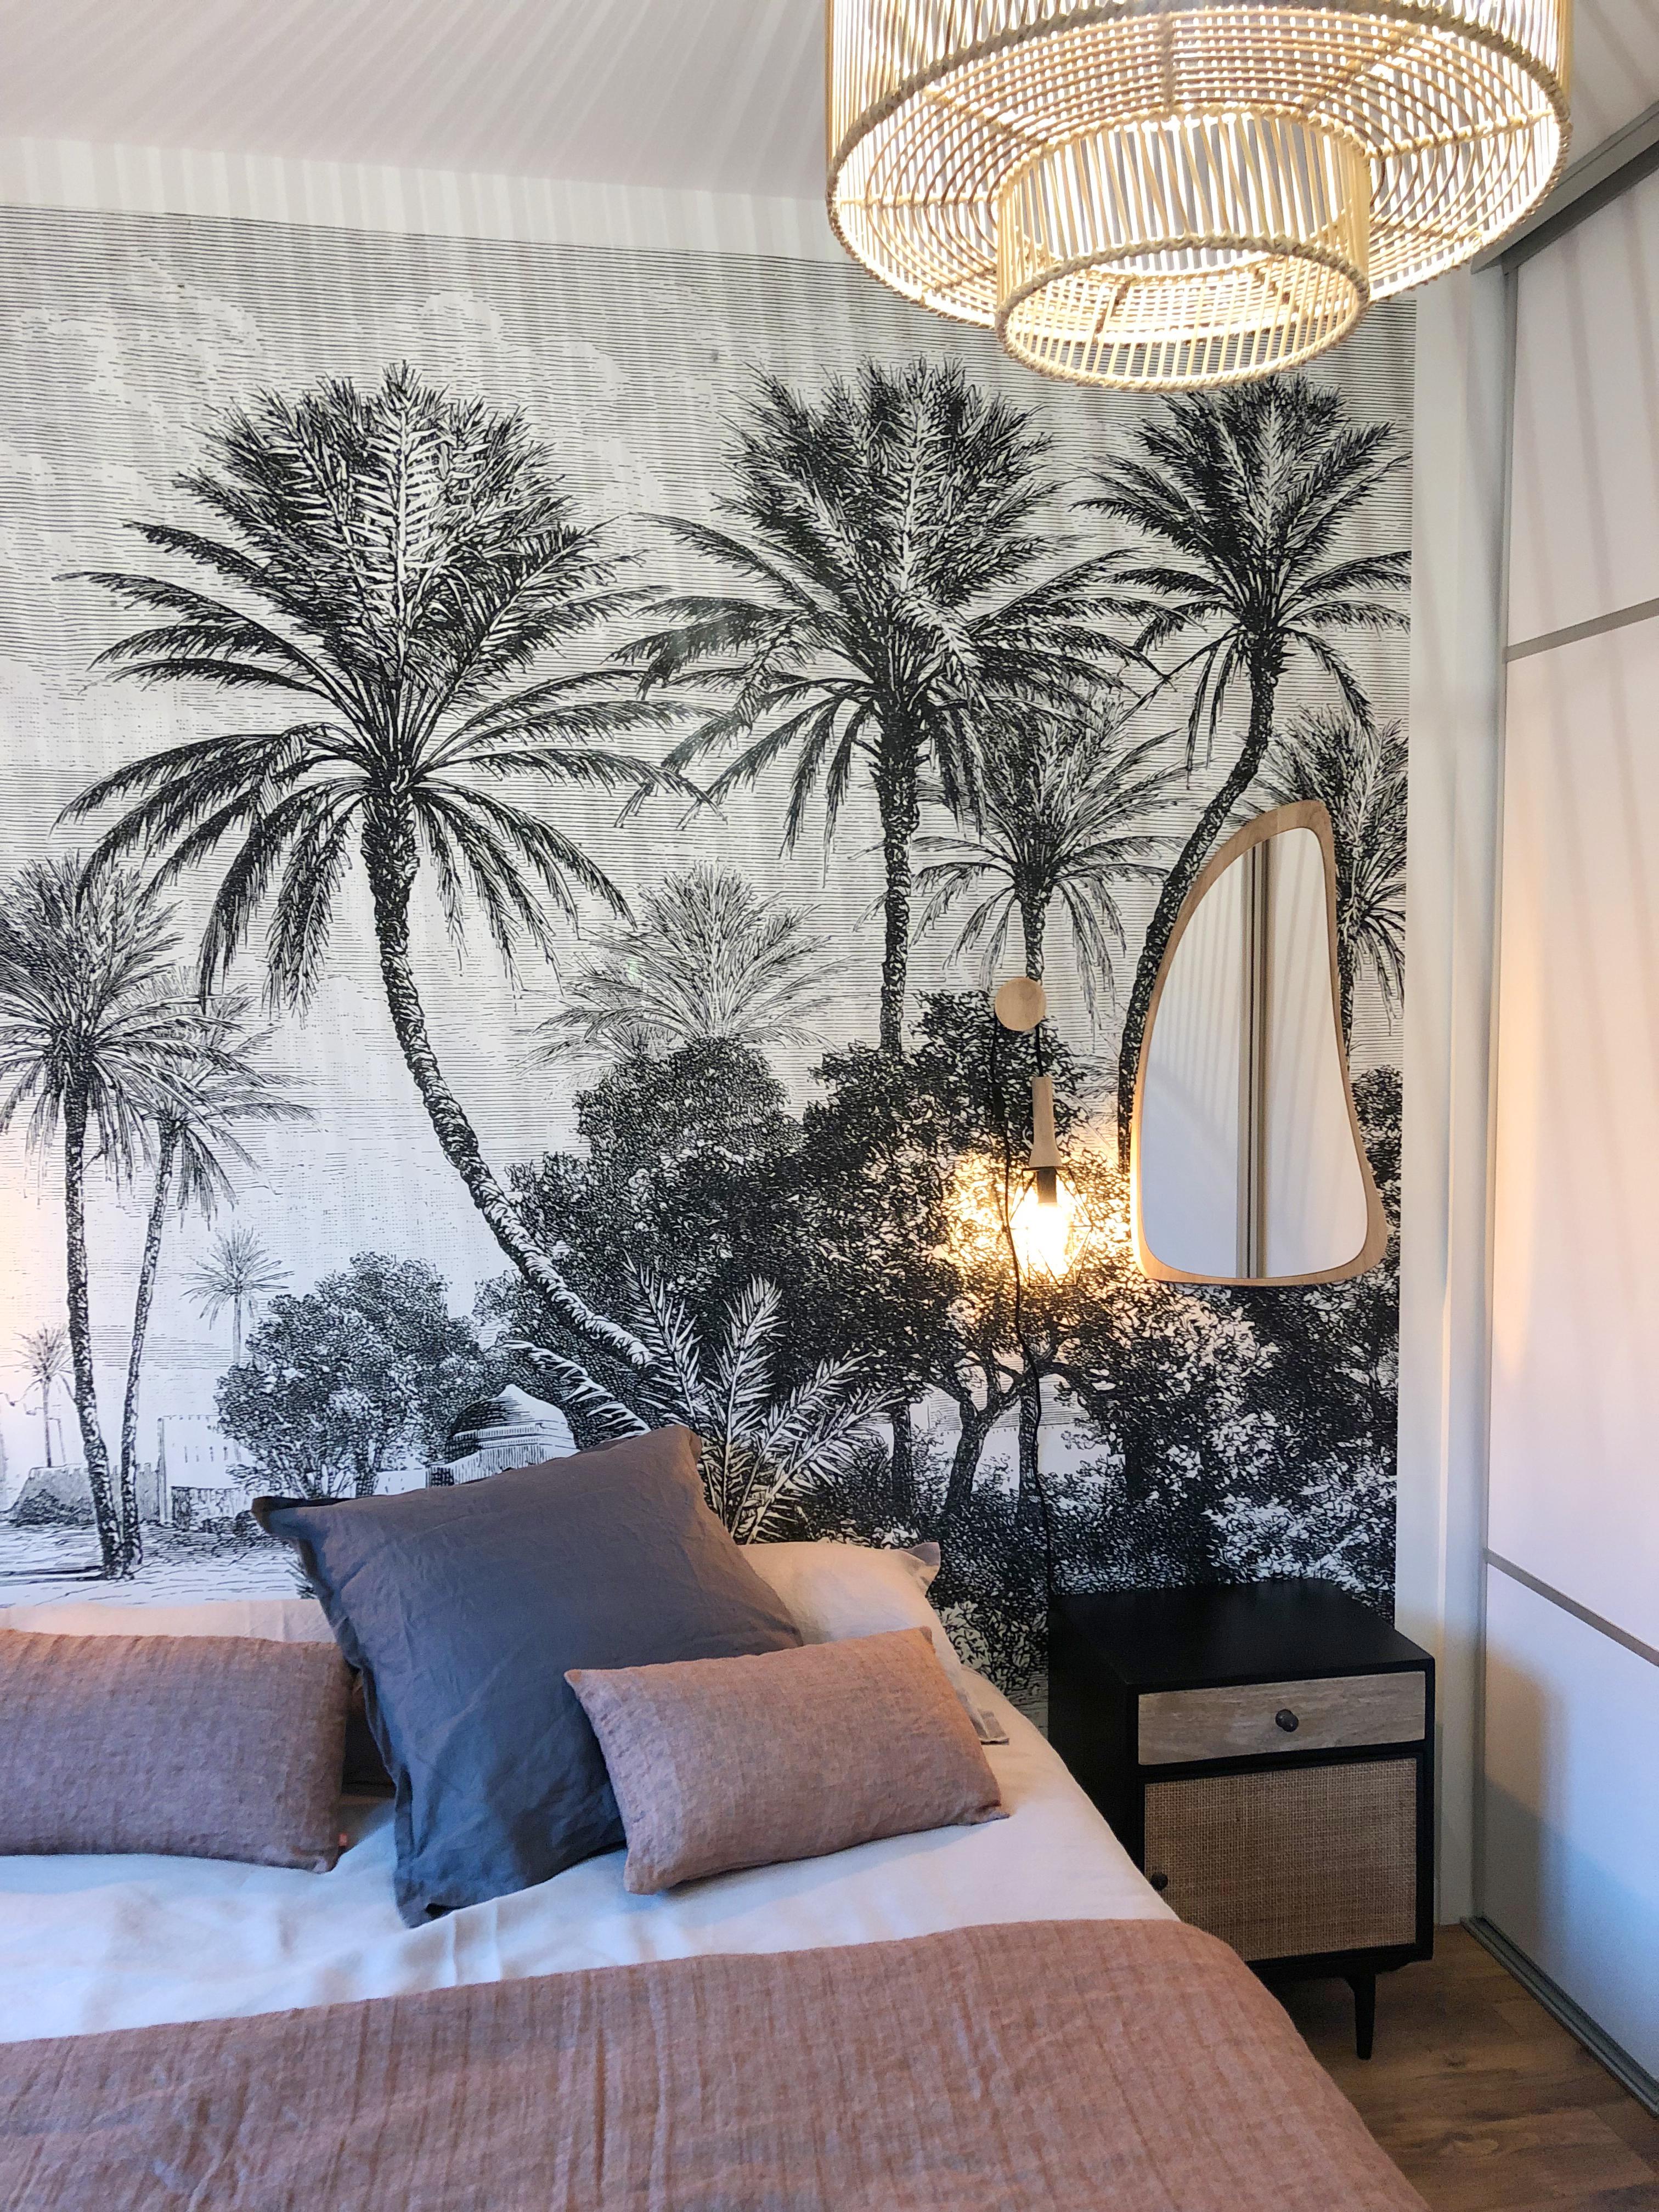 ... Chambre Qui Fait Rêver   Aménagement Et Décoration Intérieure Du0027une  Chambre De Style Ethnic ...